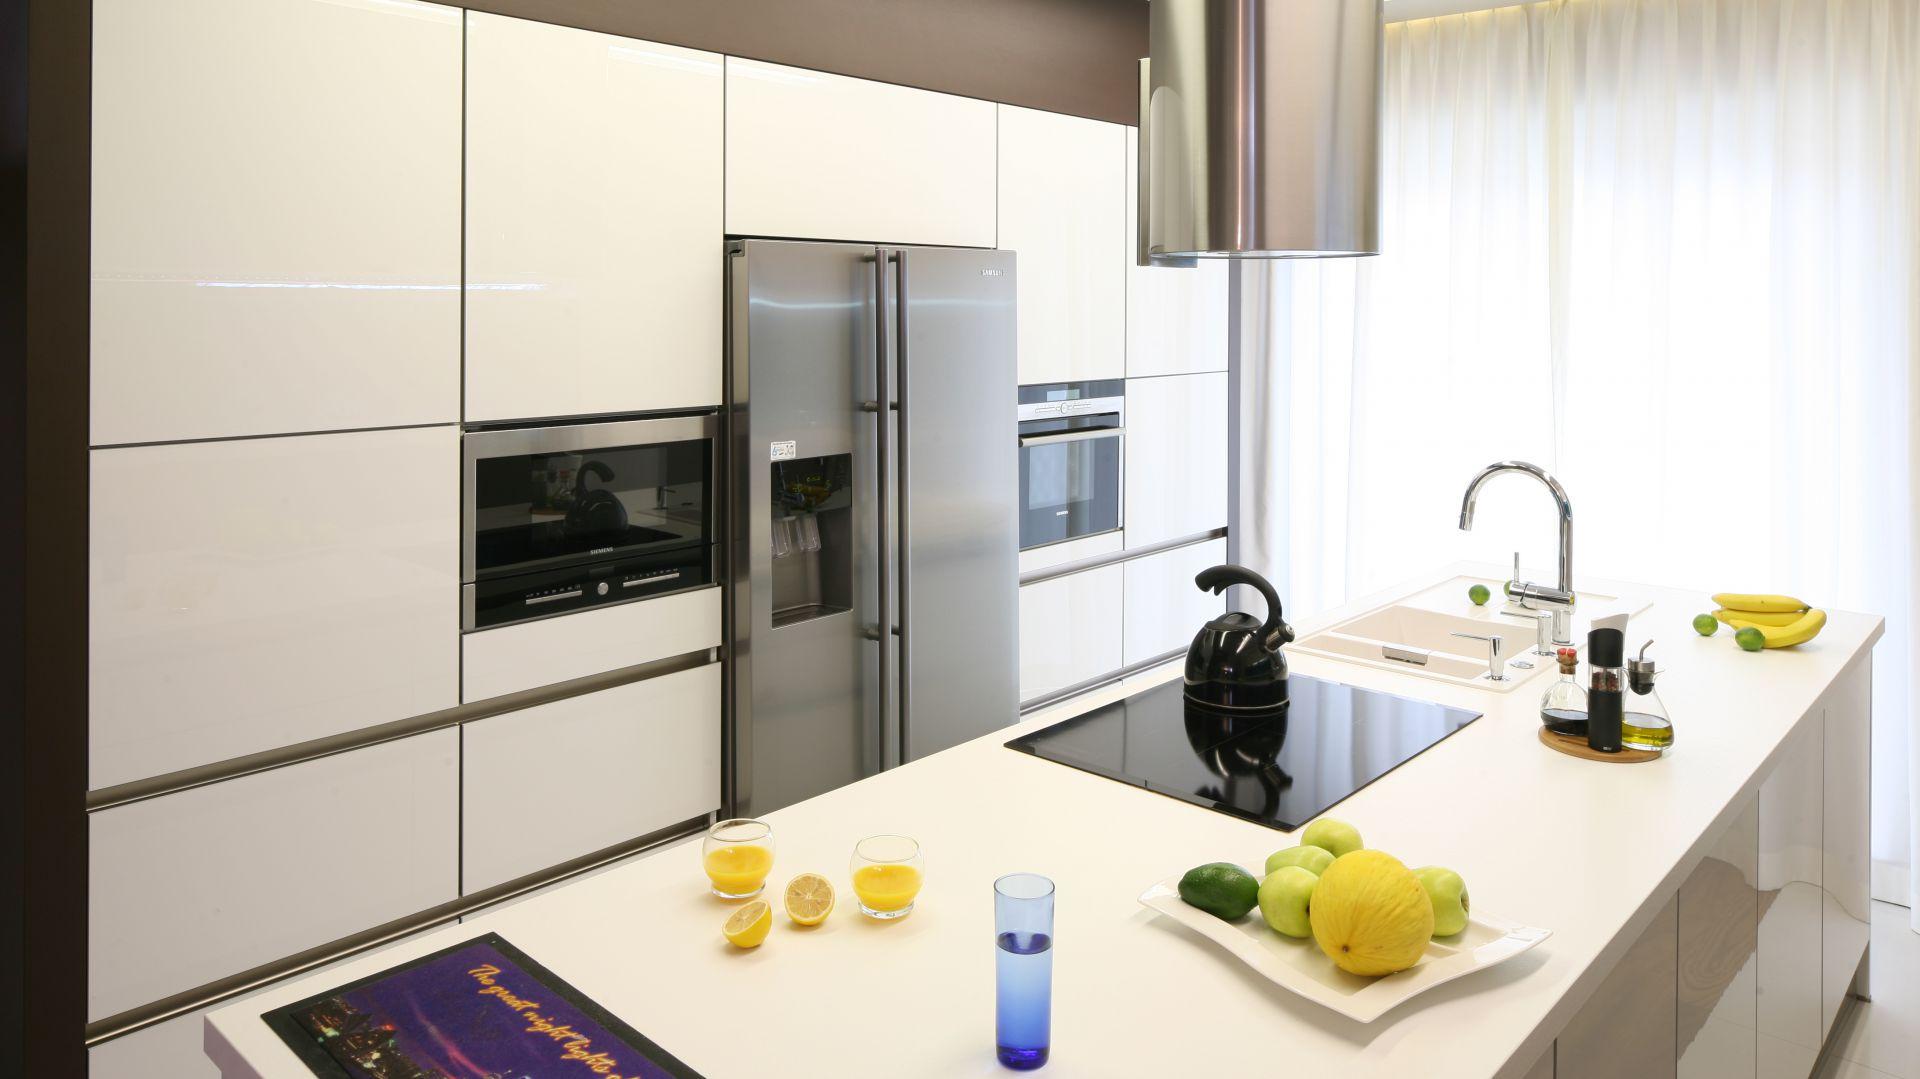 adg-do-kuchni-jak-wybrac-praktyczne-1